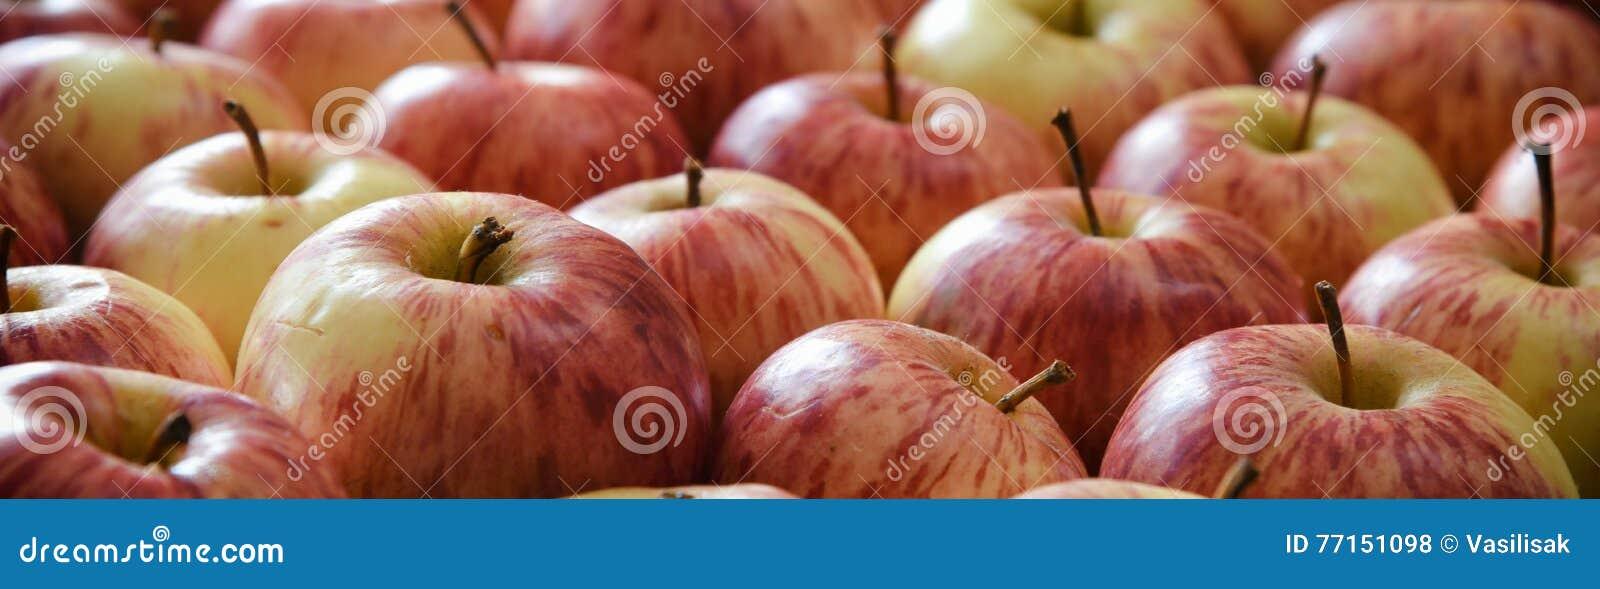 Apple donnent à la bannière une consistance rugueuse horizontale